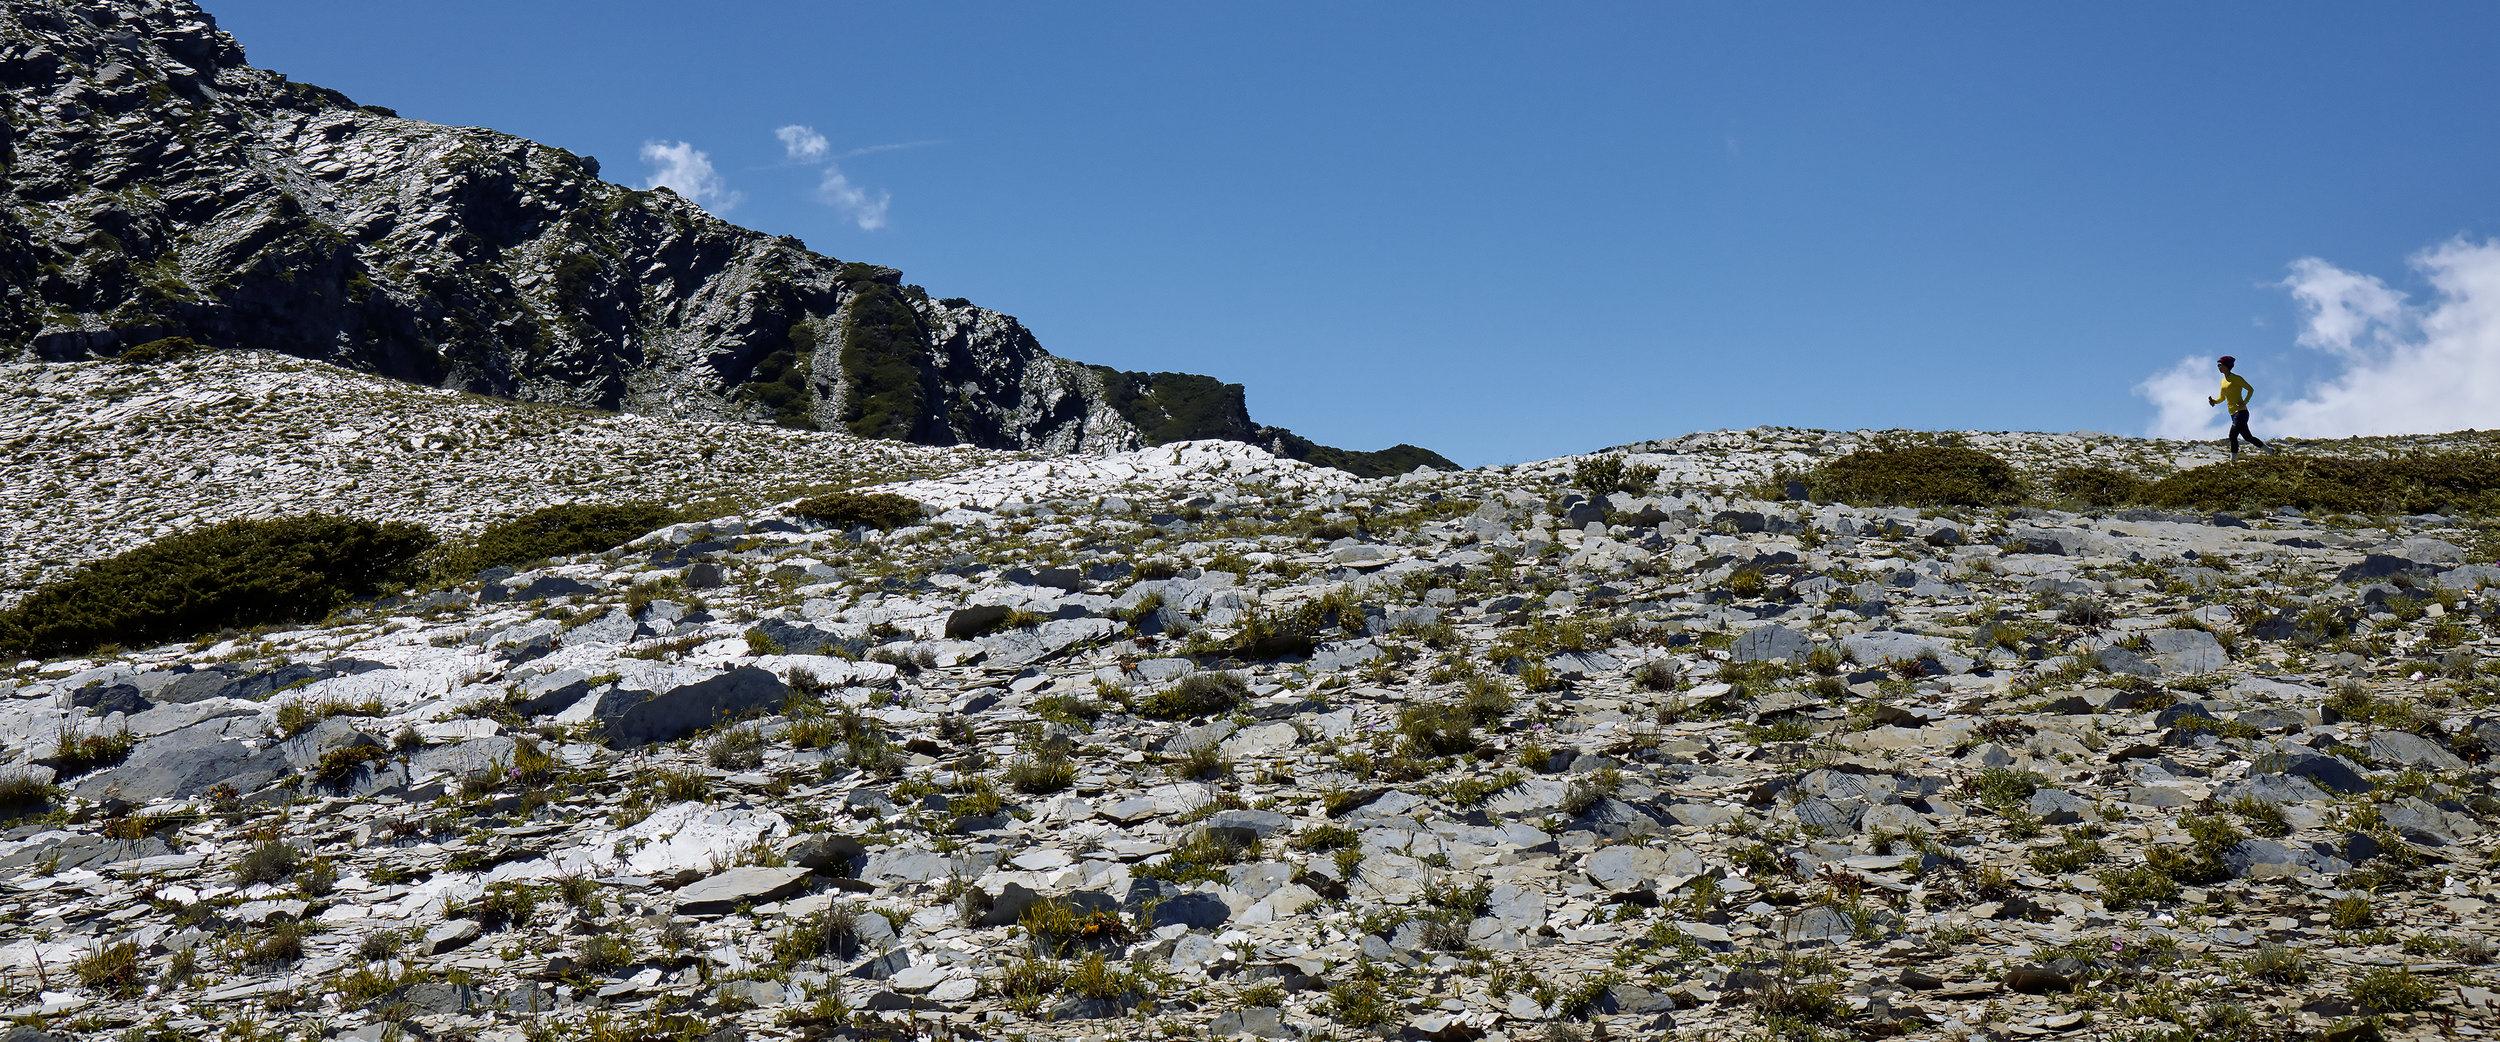 踏過碎石,進行單日陡上1,300公尺再陡降1,300公尺沿著溪谷回到營地;戴上無線耳機,在圈谷冰河遺跡的山脊上奔跑著;踩著松針覆蓋過的土壤,感受腳底傳回來的反饋;在南峰巨石頂端搖擺身體聽Radiohead,台灣屋脊中央尖的頂峰上,就這樣靜靜坐著淺淺呼吸;面對登高的恐懼,在十層樓的攀岩上尋找下一個踏點,在山裡,身體成為忠實呈現面對當下環境的受器,用Samsung Galaxy旗艦手機記錄一種力量,那是從身體裡淬鍊出的誠實感知。